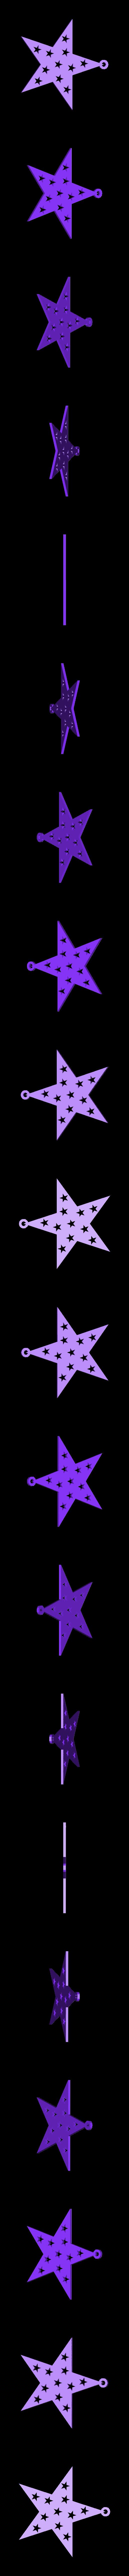 fancy_5_pointed_star.stl Télécharger fichier STL gratuit Étoile 5 points fantaisie • Objet à imprimer en 3D, Not3dred